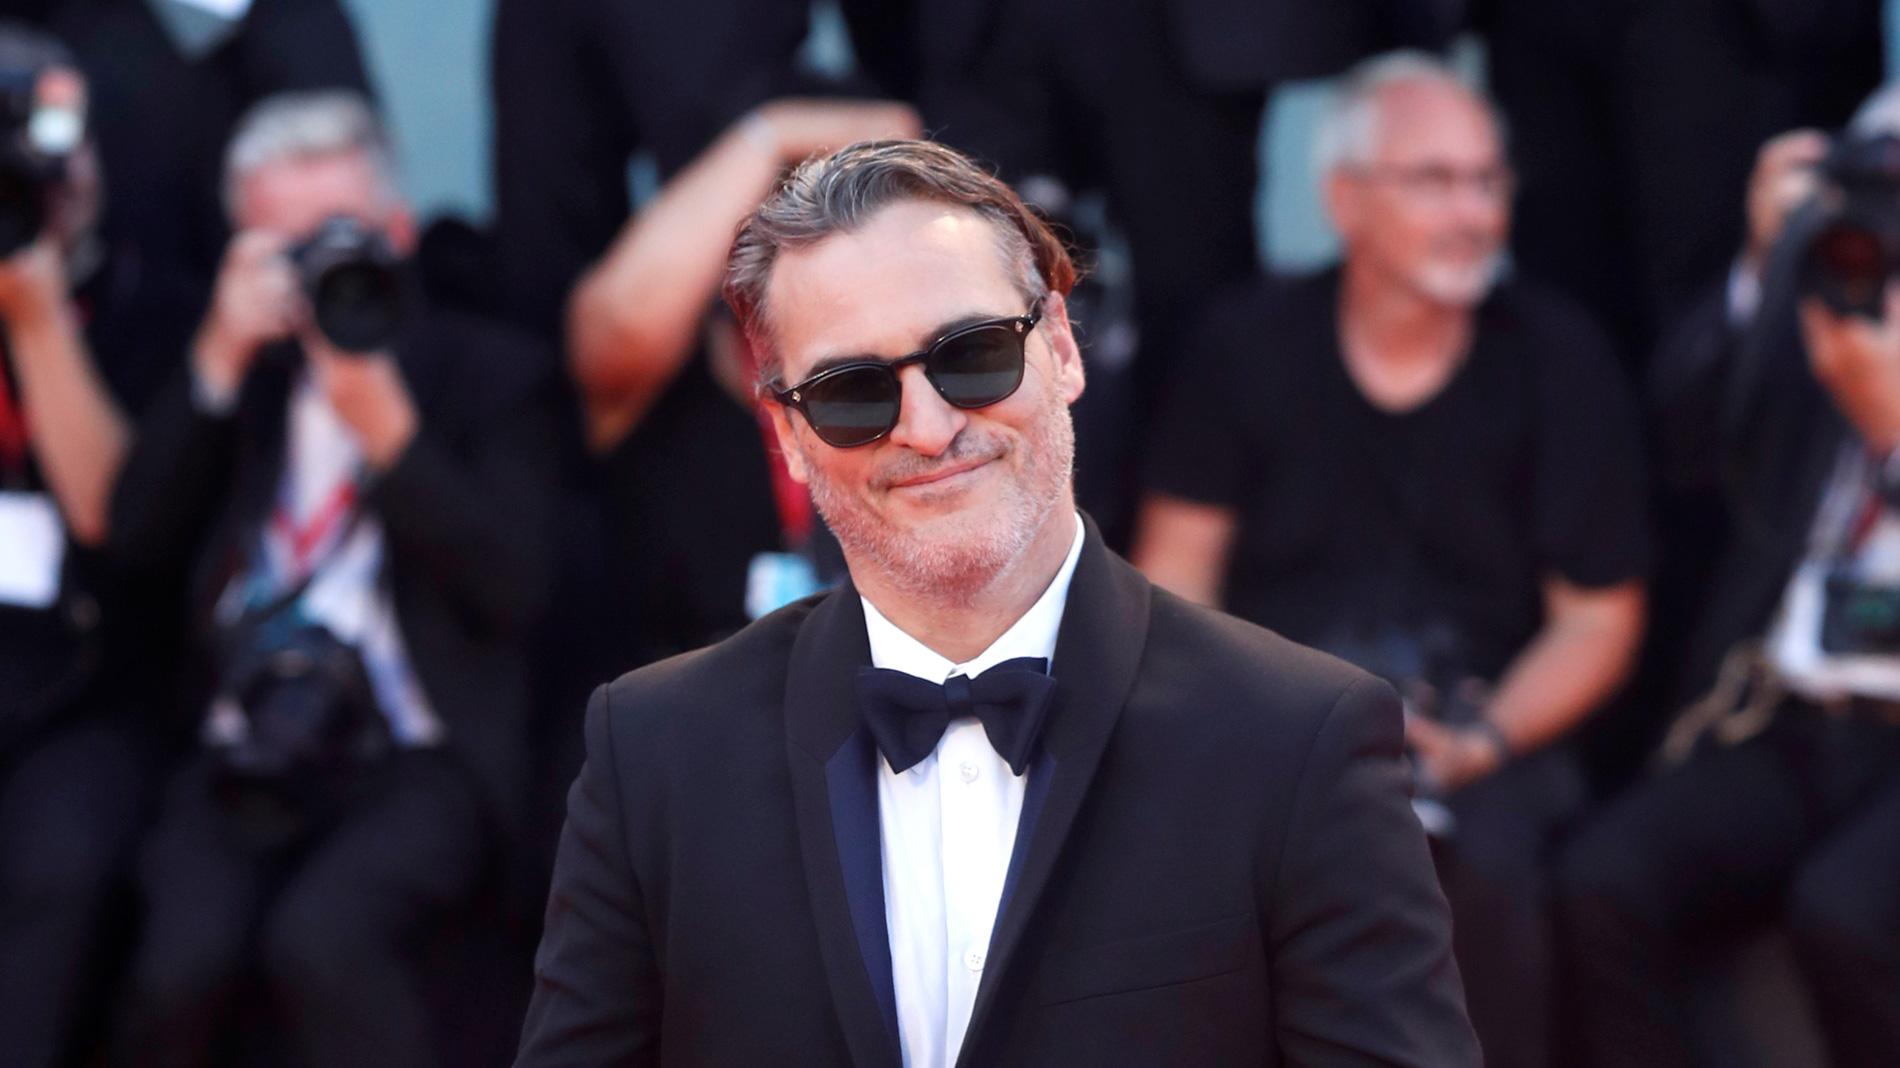 Ir al VideoEl 'Joker' de Joaquin Phoenix desata la locura en la Mostra de Venecia